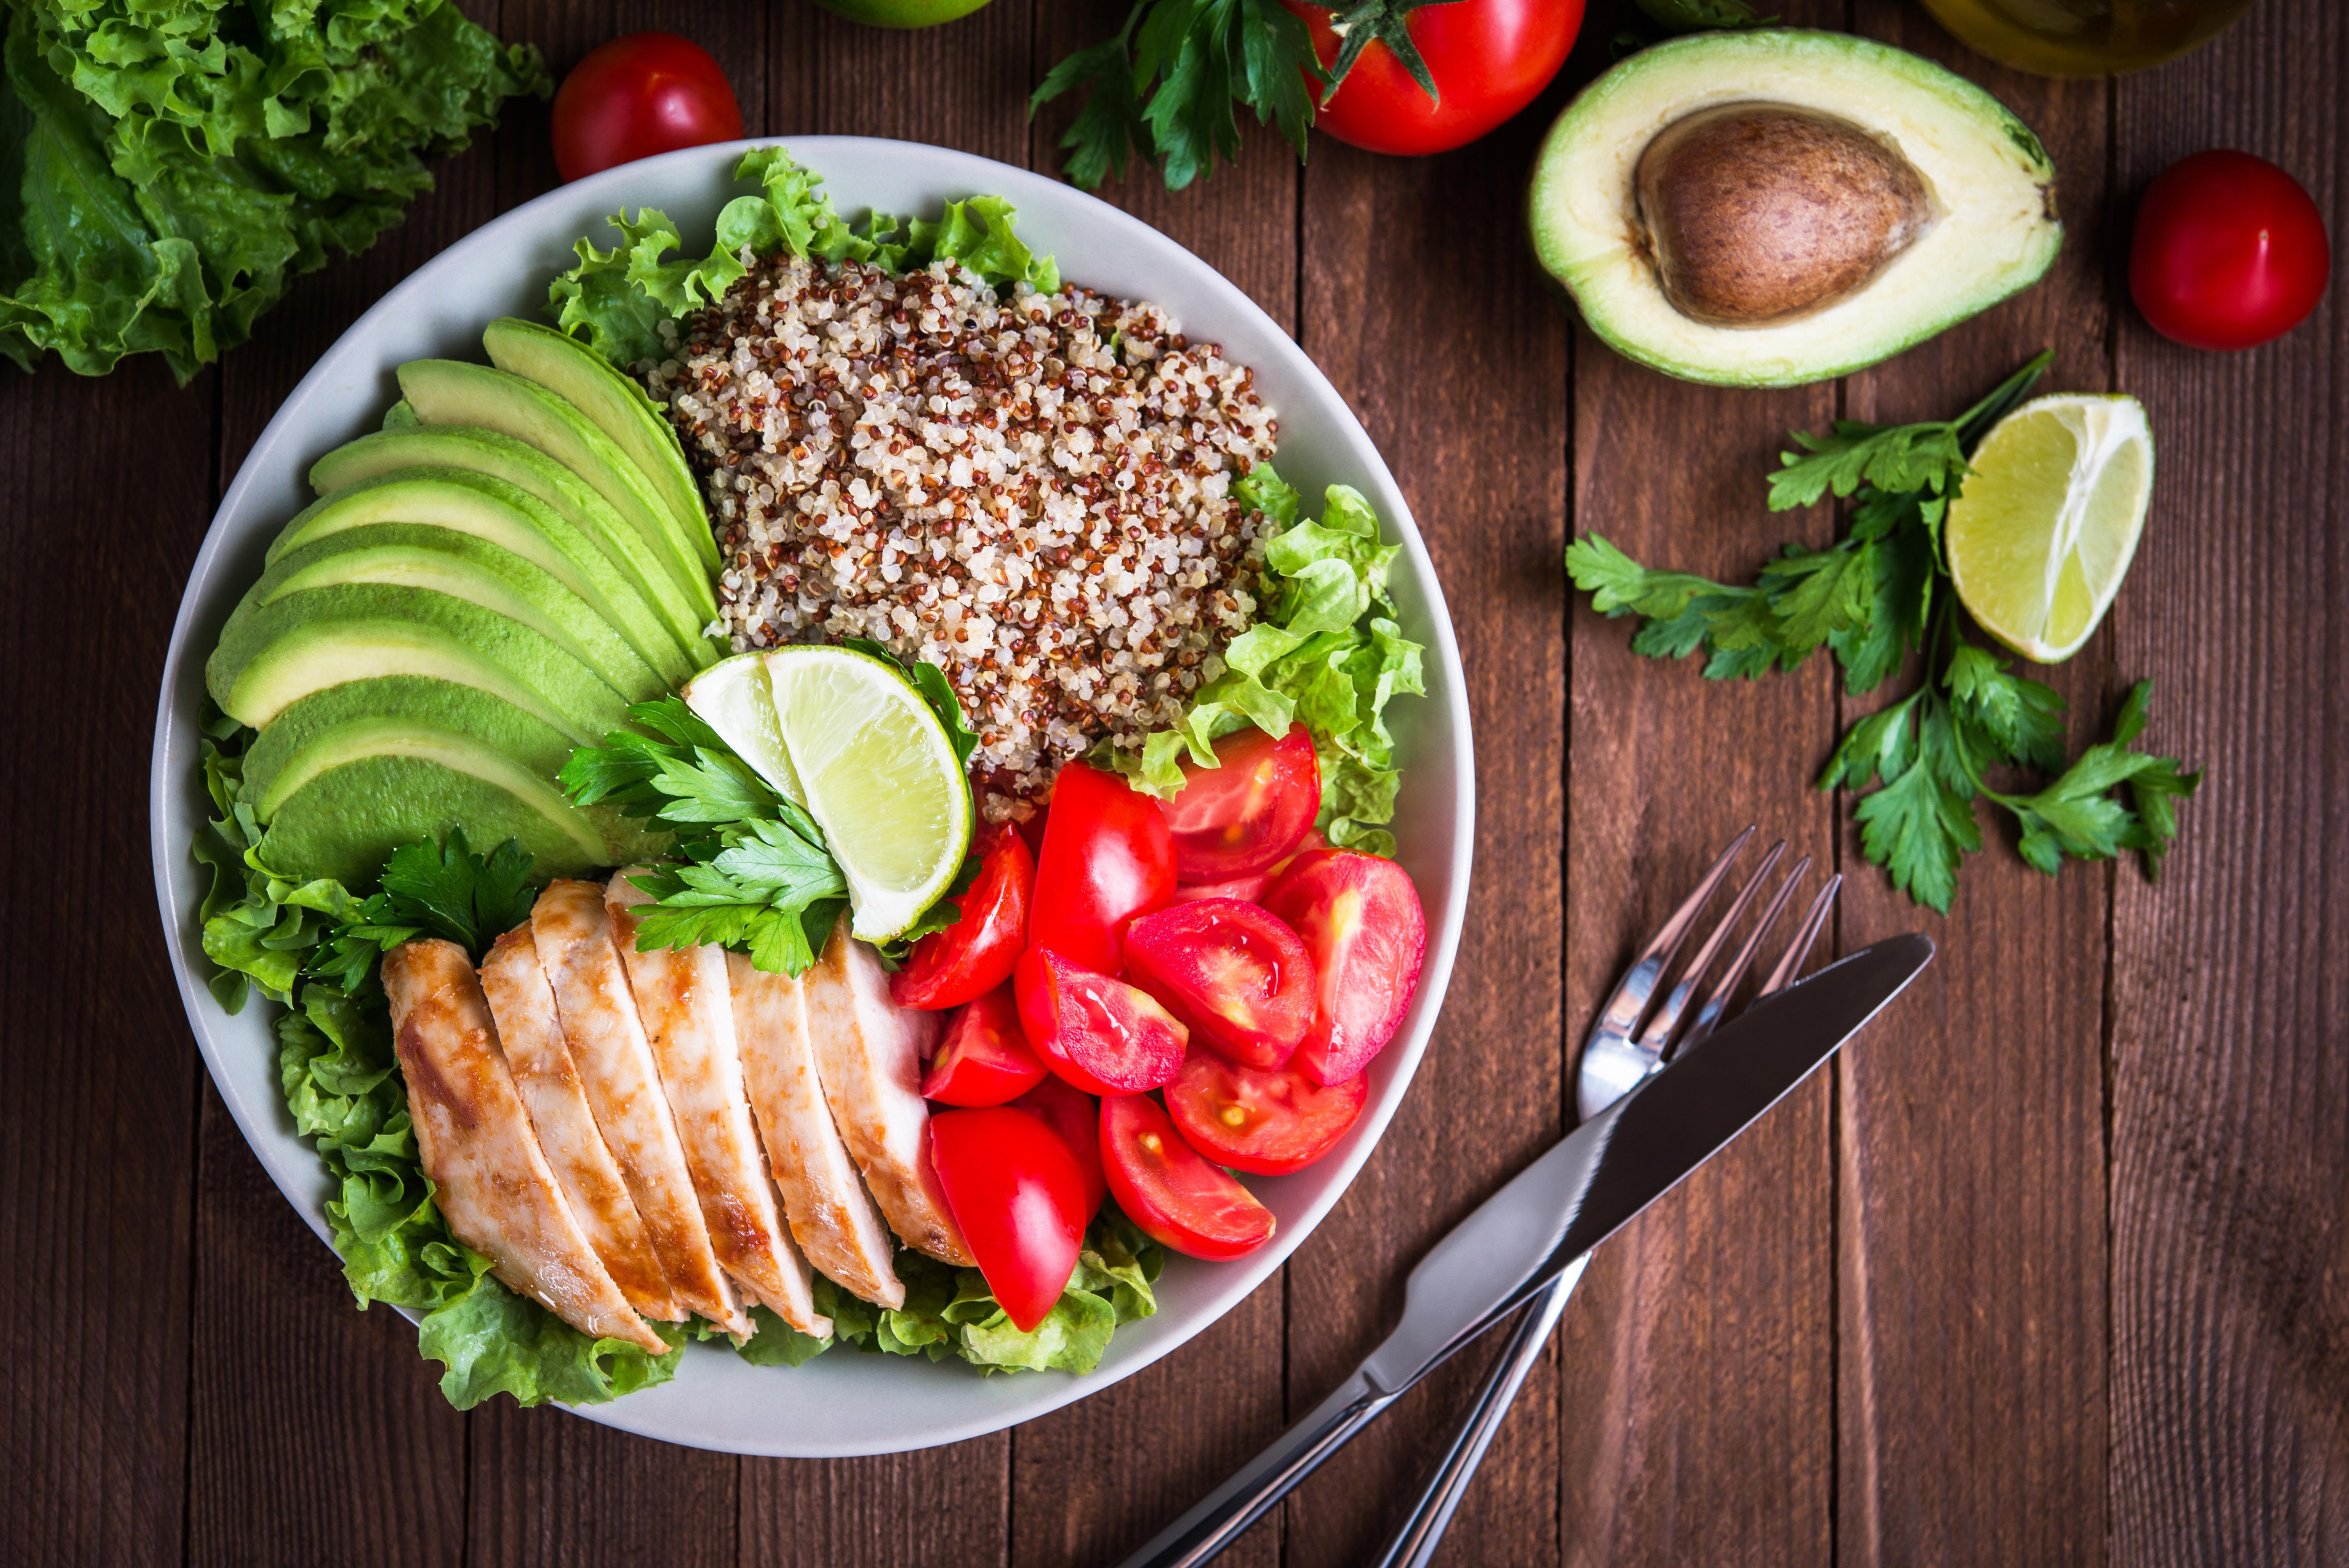 keto diet guide for beginners. ketogenic diet guide. keto diet plan